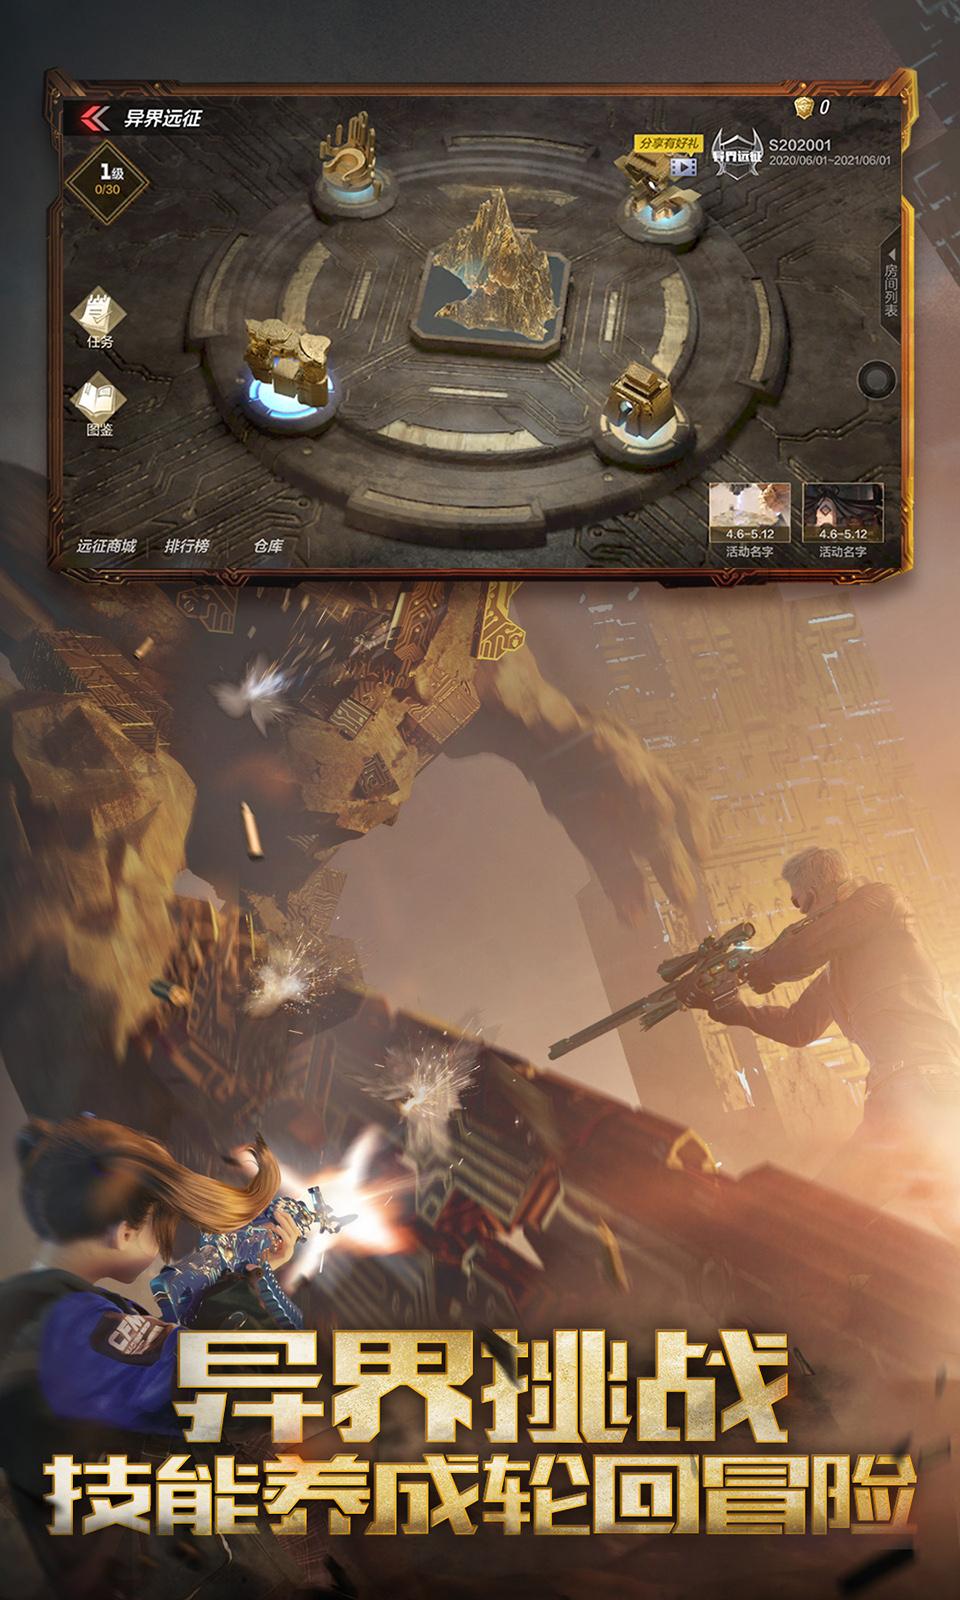 穿越火线破解版所有武器都有版游戏截图